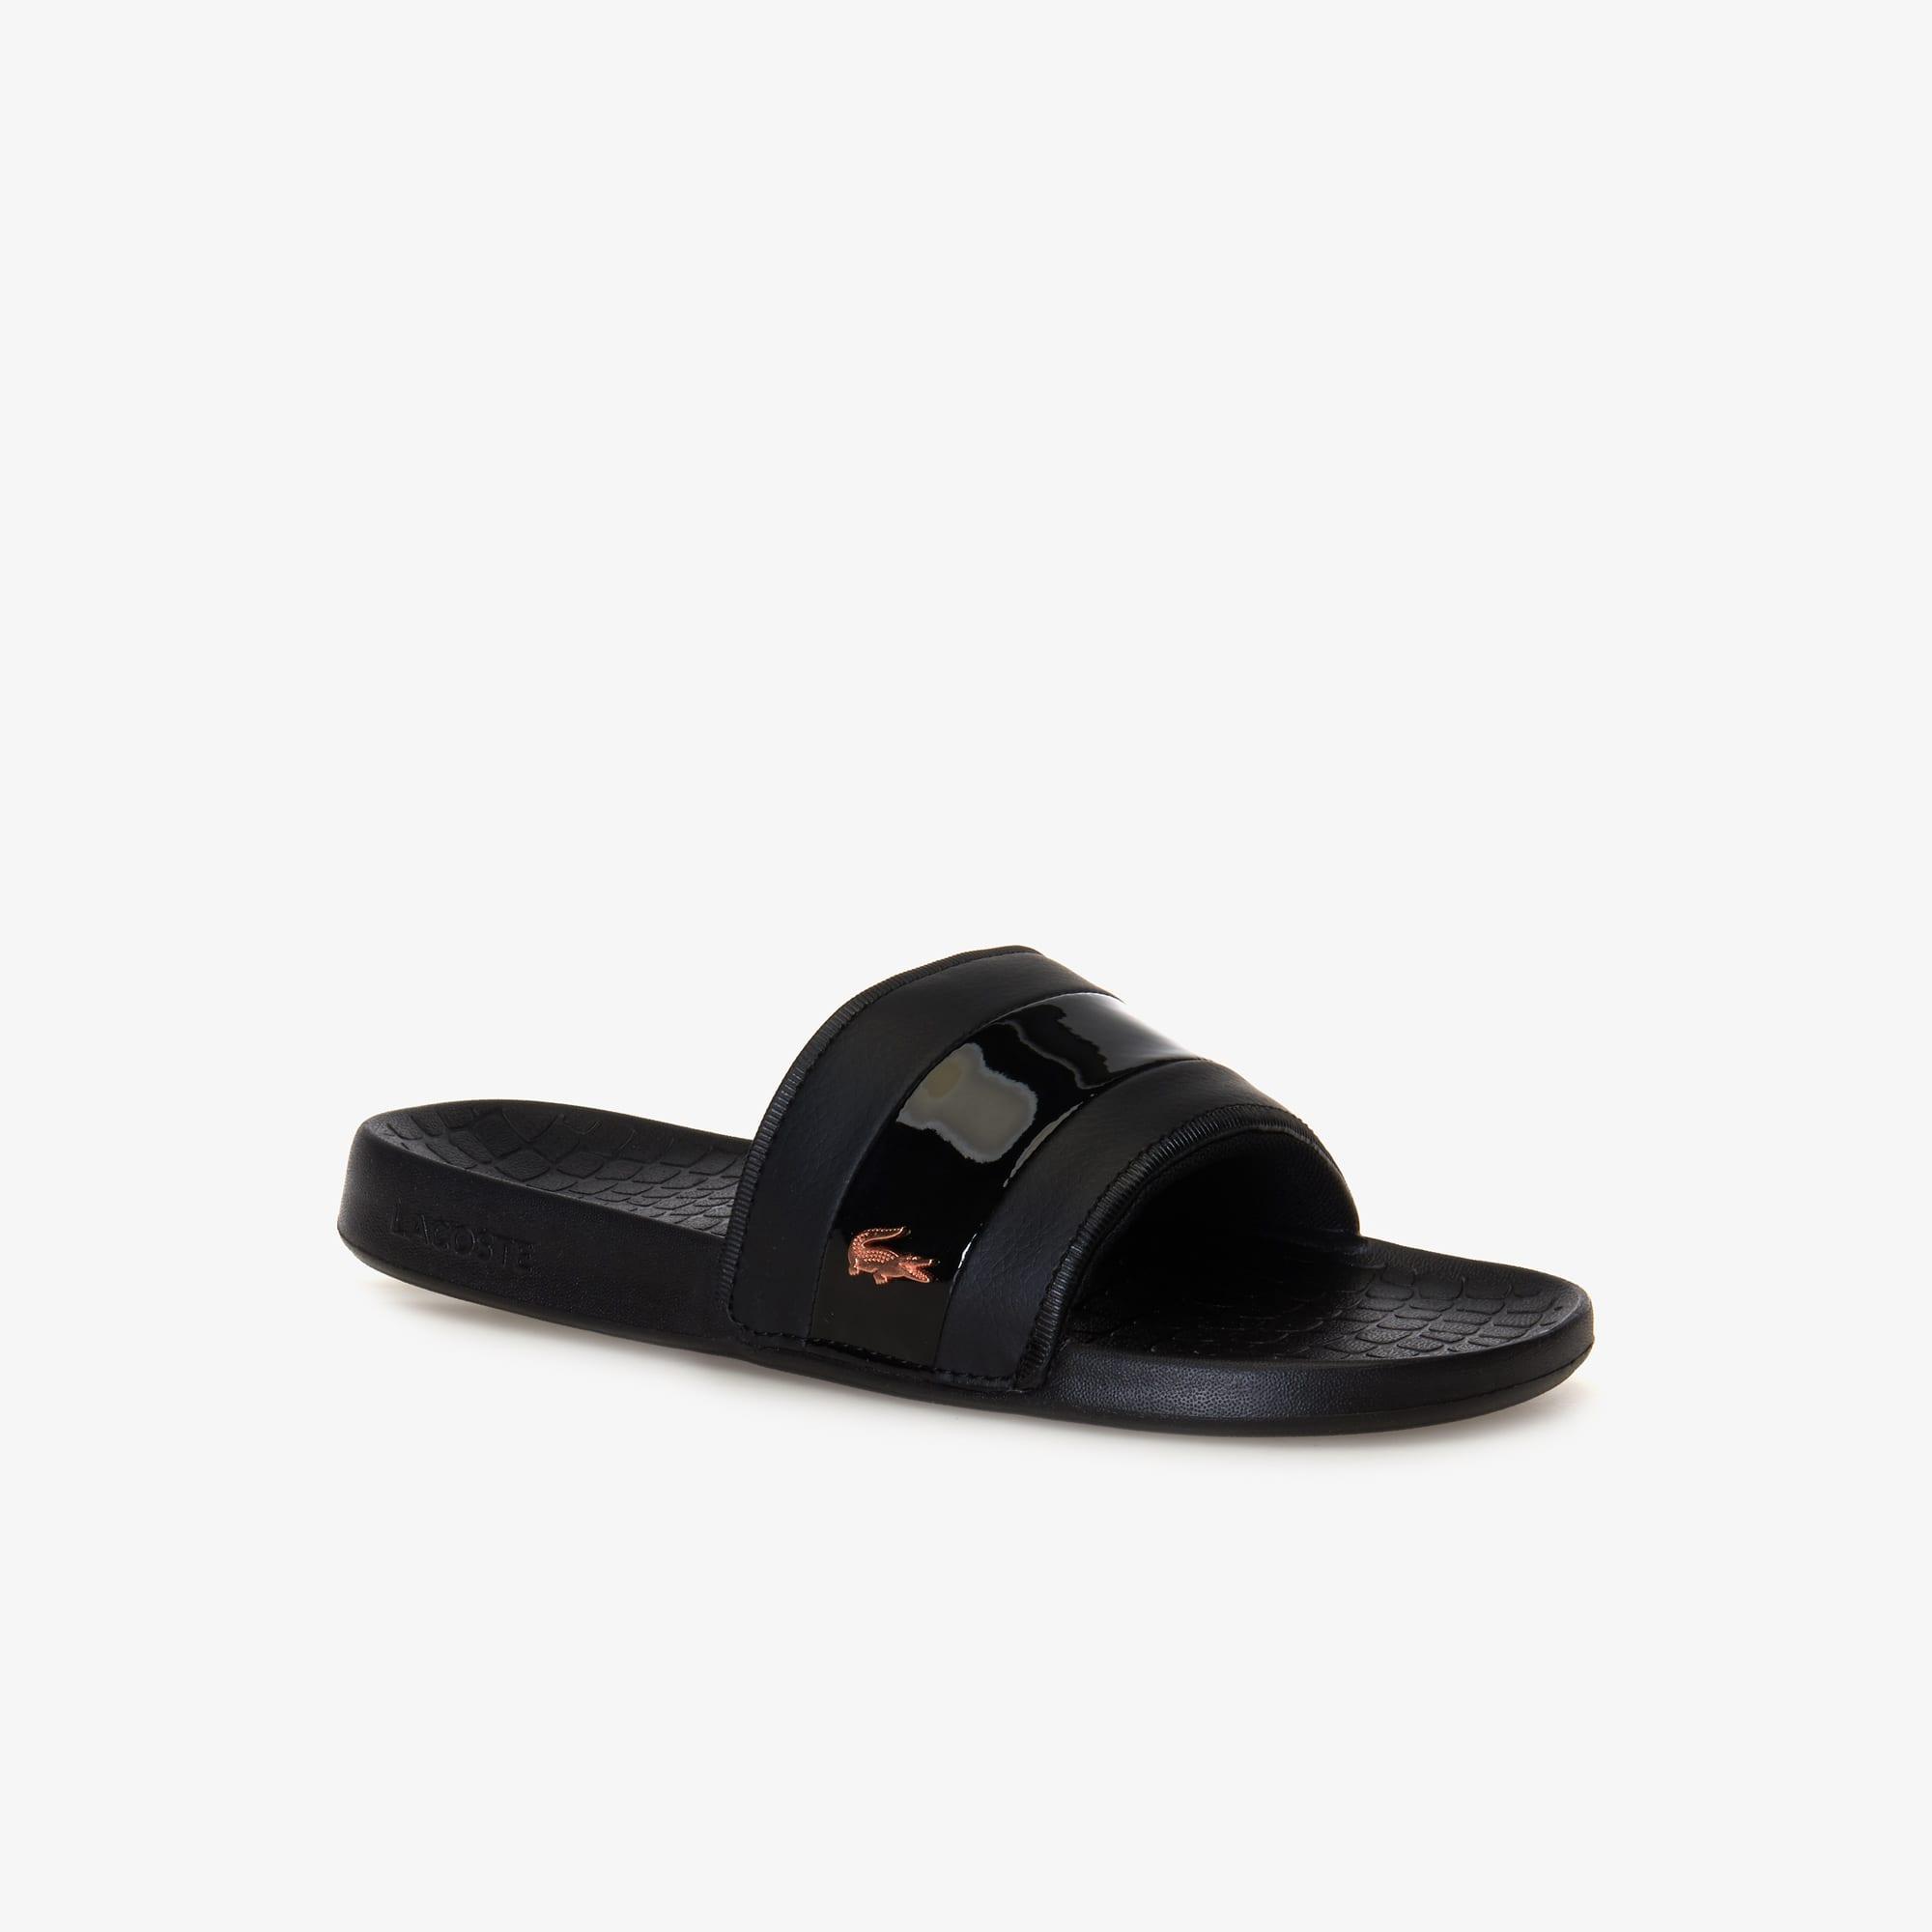 Women's Fraisier Leather-look Slides